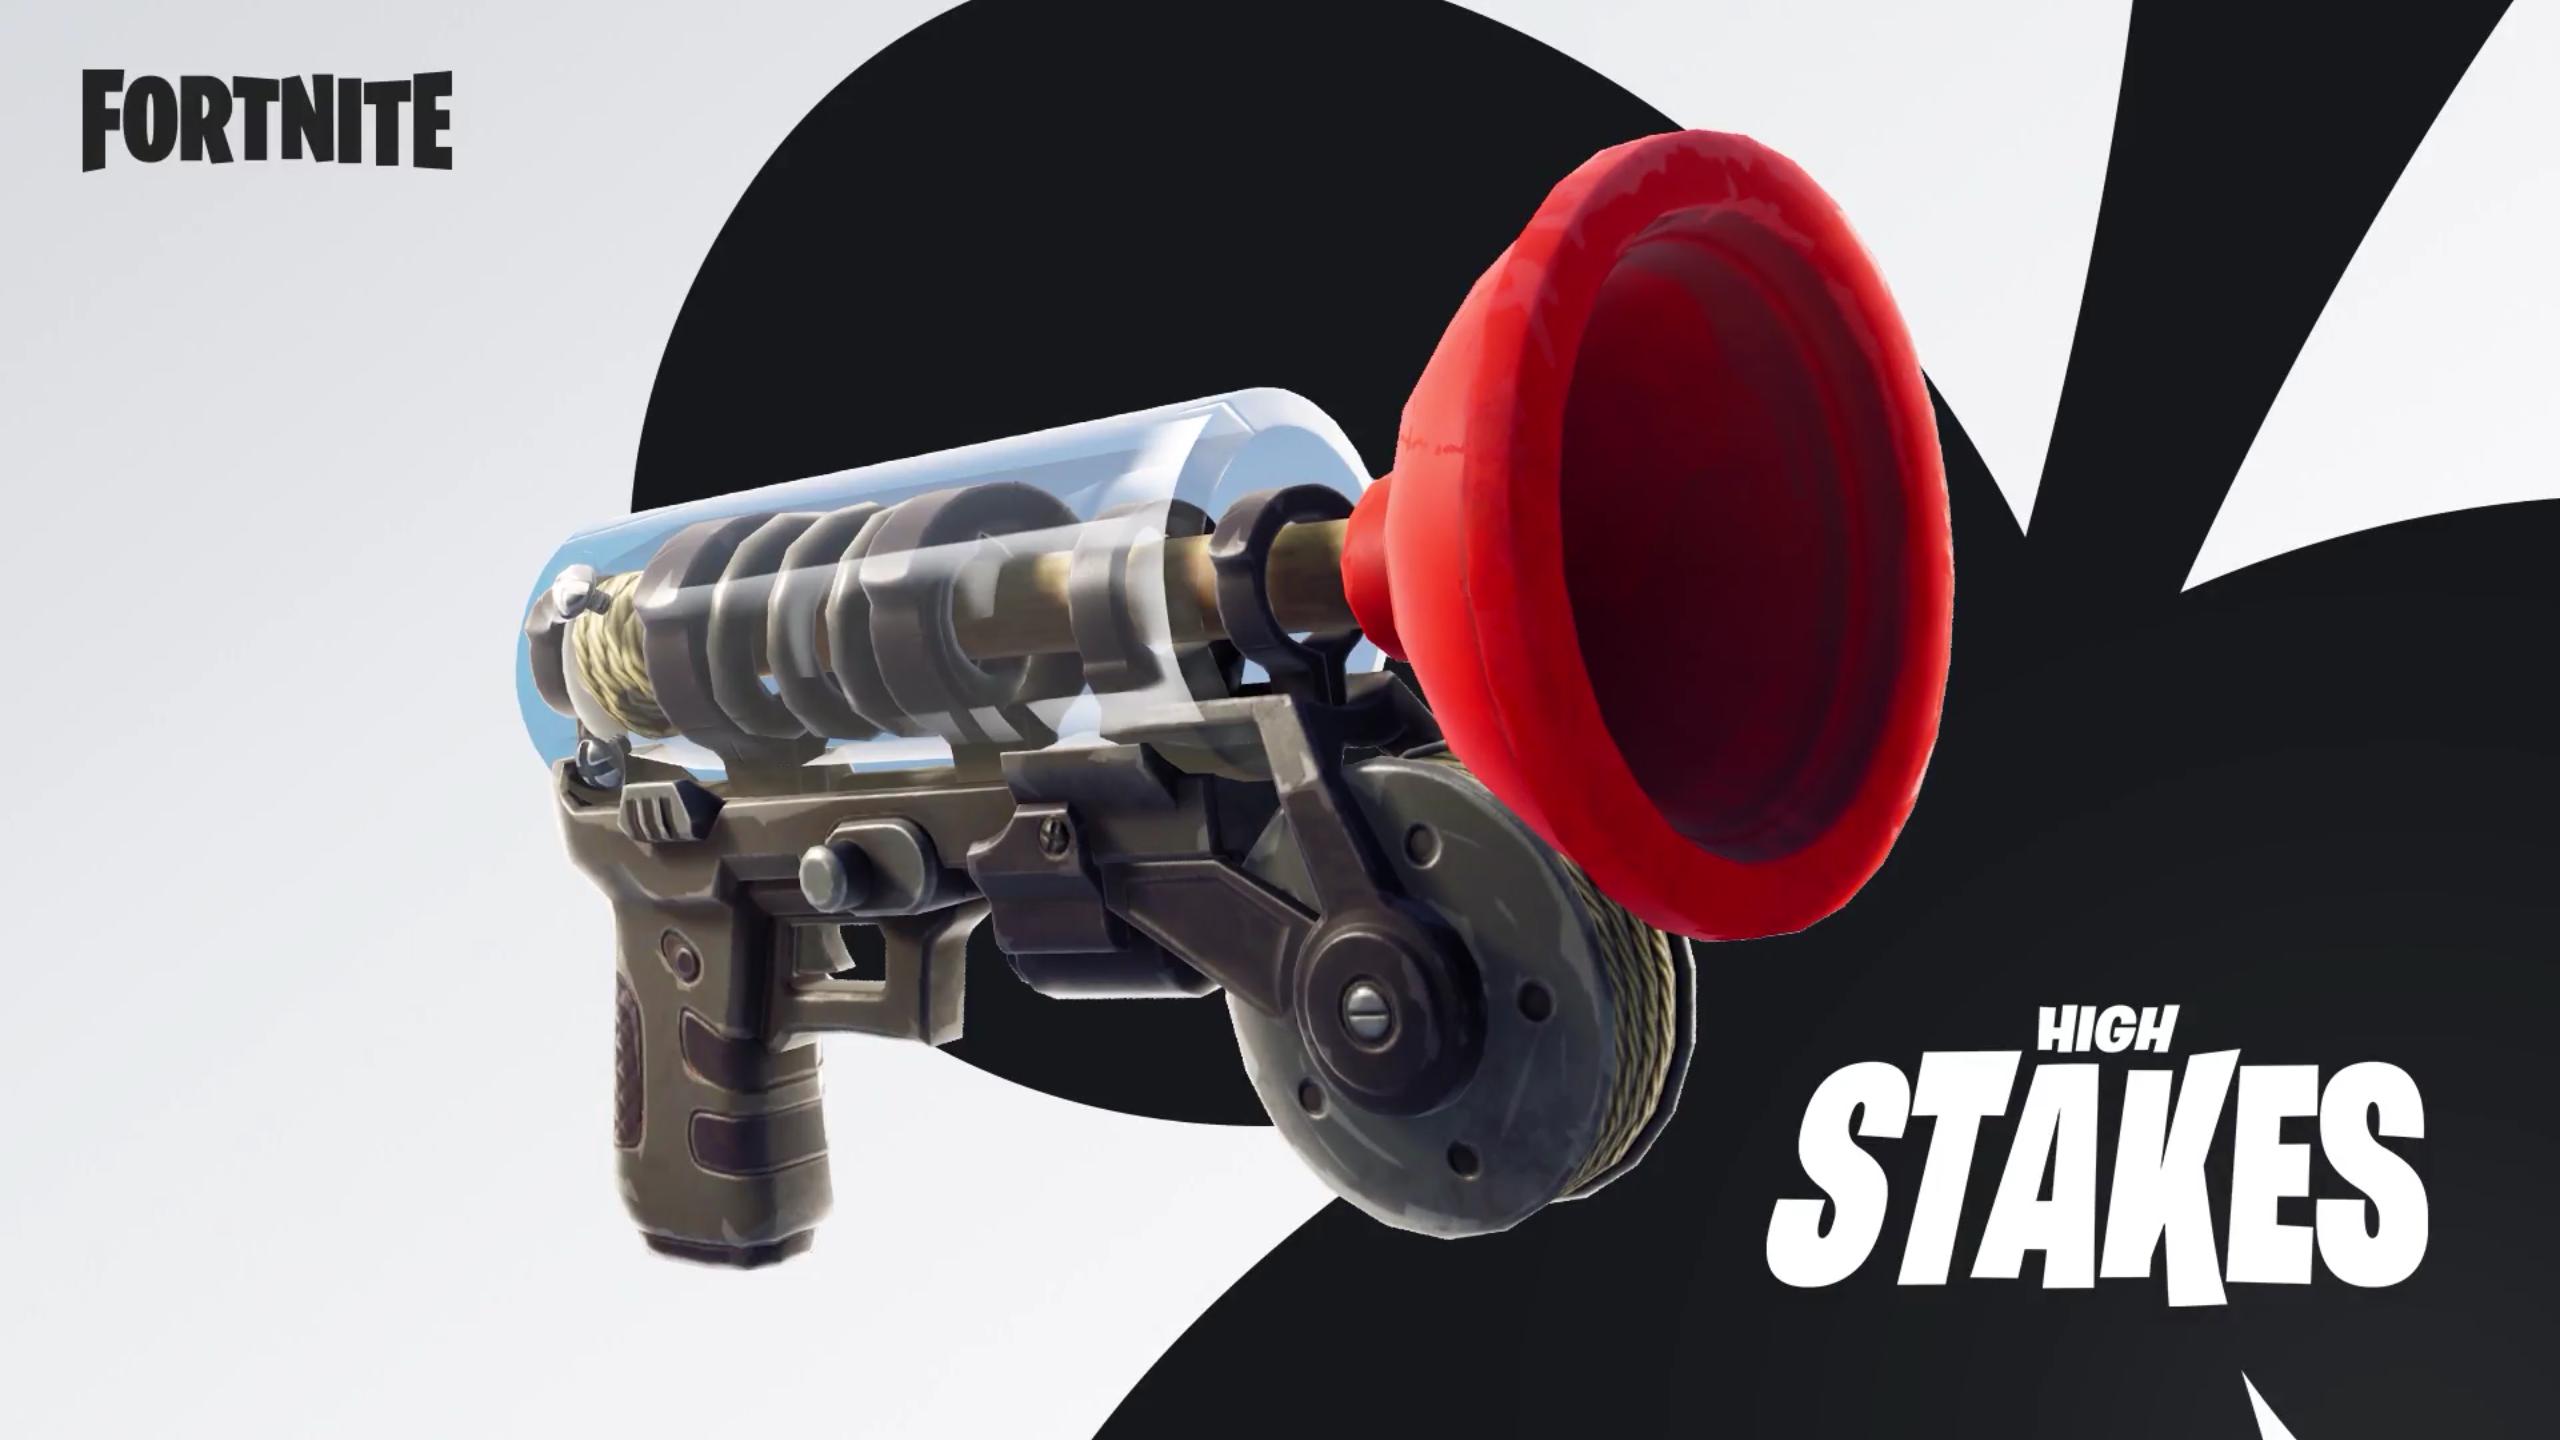 Fortnite dostane přitahovací hák ve stylu Just Cause Fortnite zbran